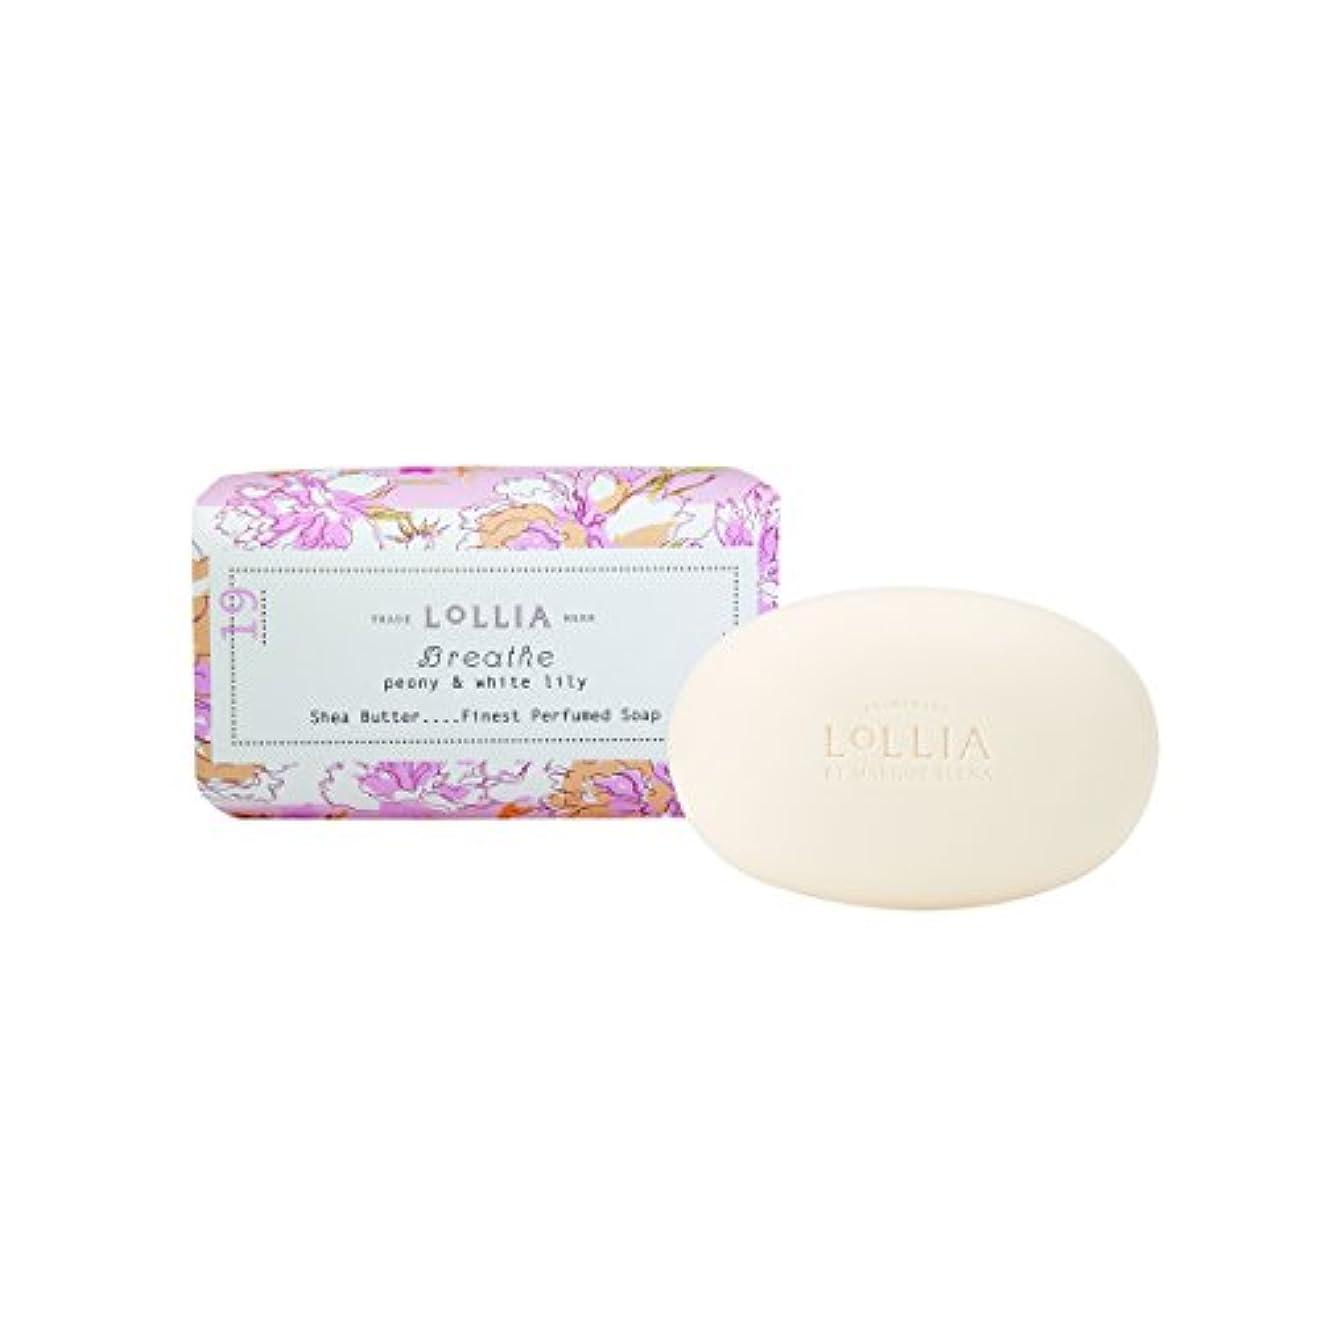 有益なショッピングセンターシンプルなロリア(LoLLIA) フレグランスソープ140g Breath(化粧石けん 全身用洗浄料 ピオニーとホワイトリリーの甘くさわやかな香り)